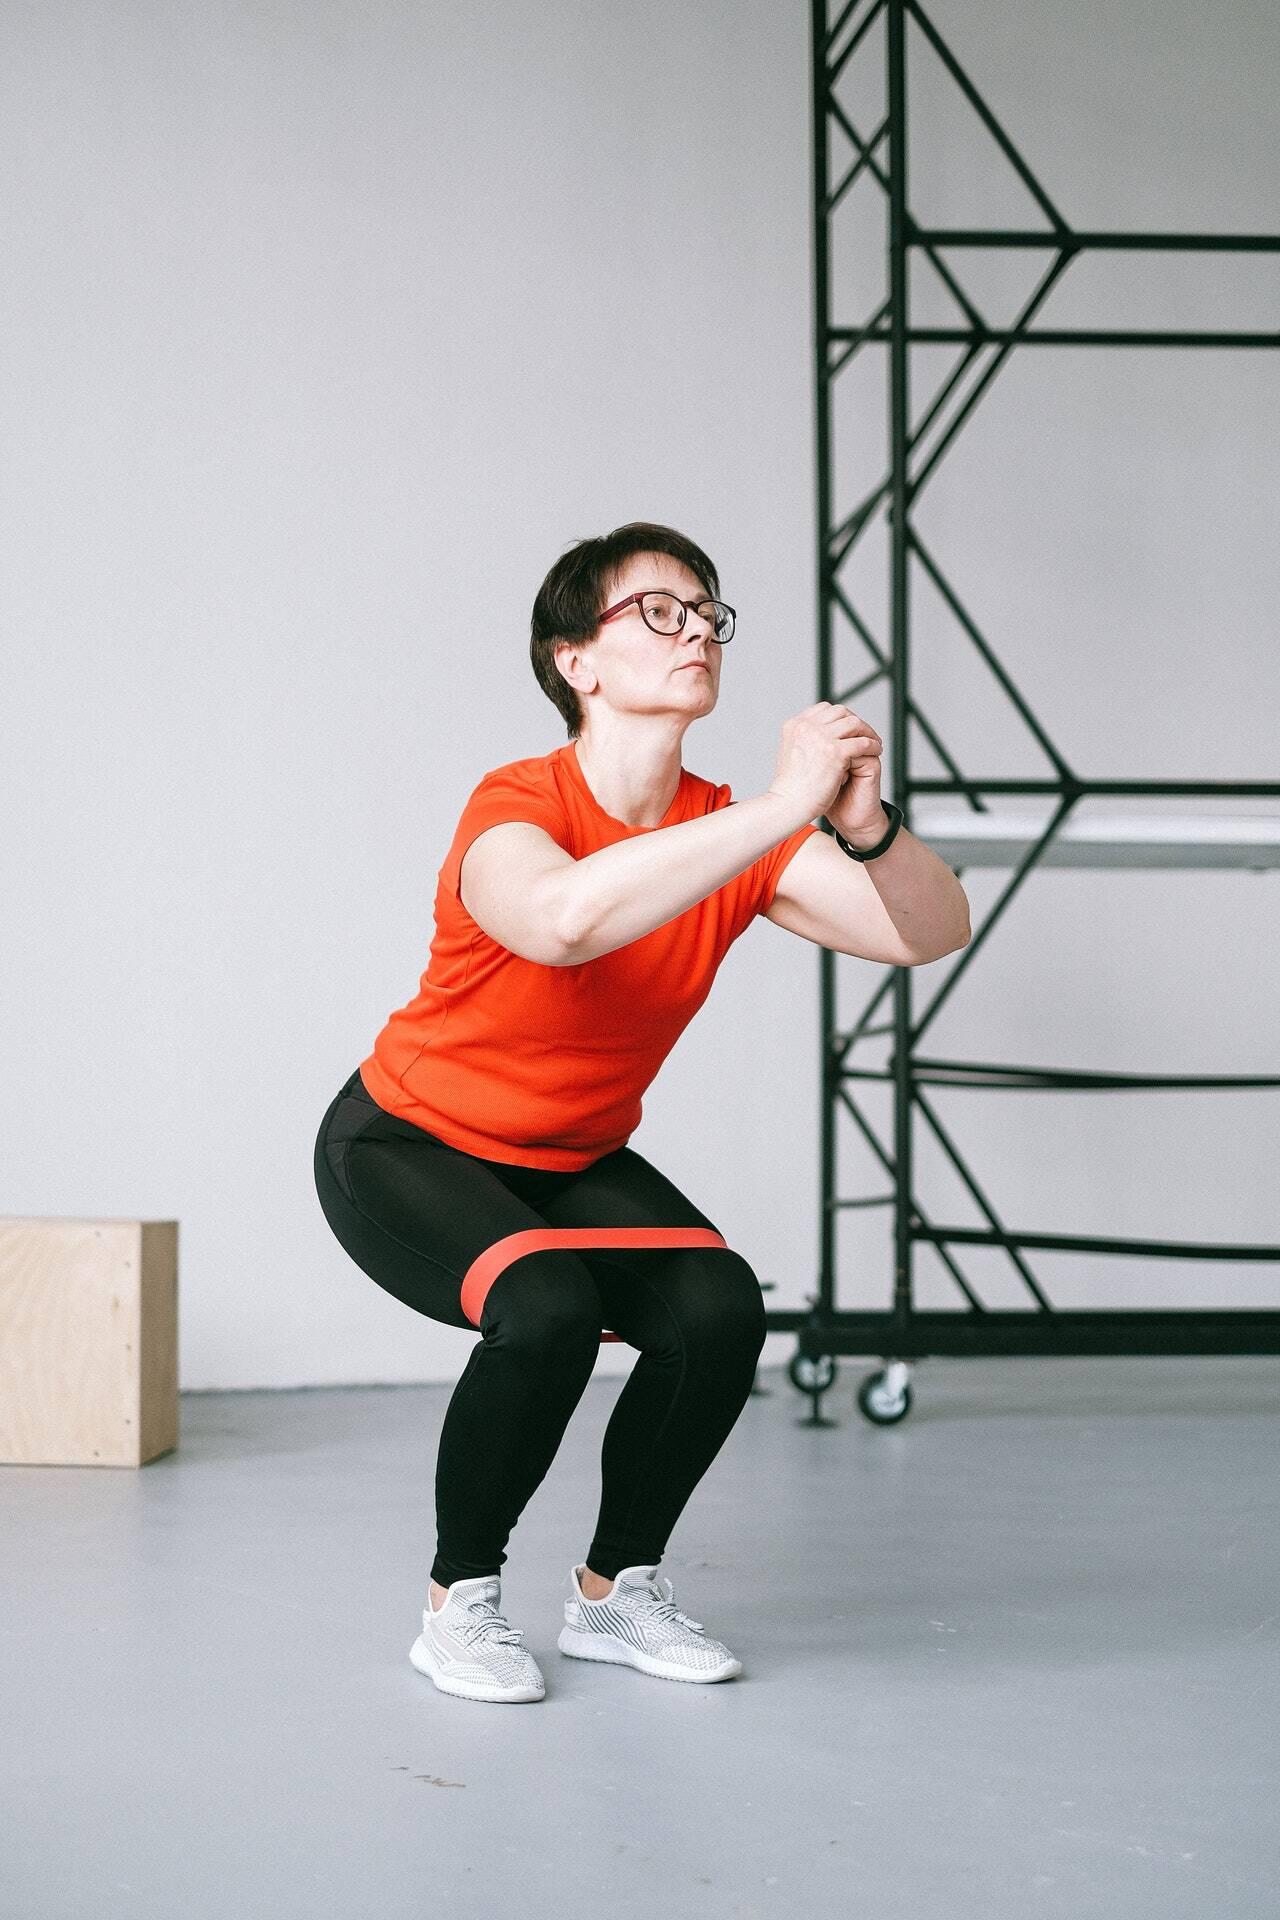 Comece a se abaixar em uma posição de agachamento ou até se sentir confortável, mantendo as costas retas, o peso sobre os calcanhares e os joelhos atrás ou alinhados com os dedos dos pés. Mantenha as pernas estendidas durante todo o movimento, certificando-se de que os joelhos não dobrem. Em seguida, volte à posição inicial. Esta é uma repetição; Faça 3 séries de 10-15 repetições. (Foto: Pexels)